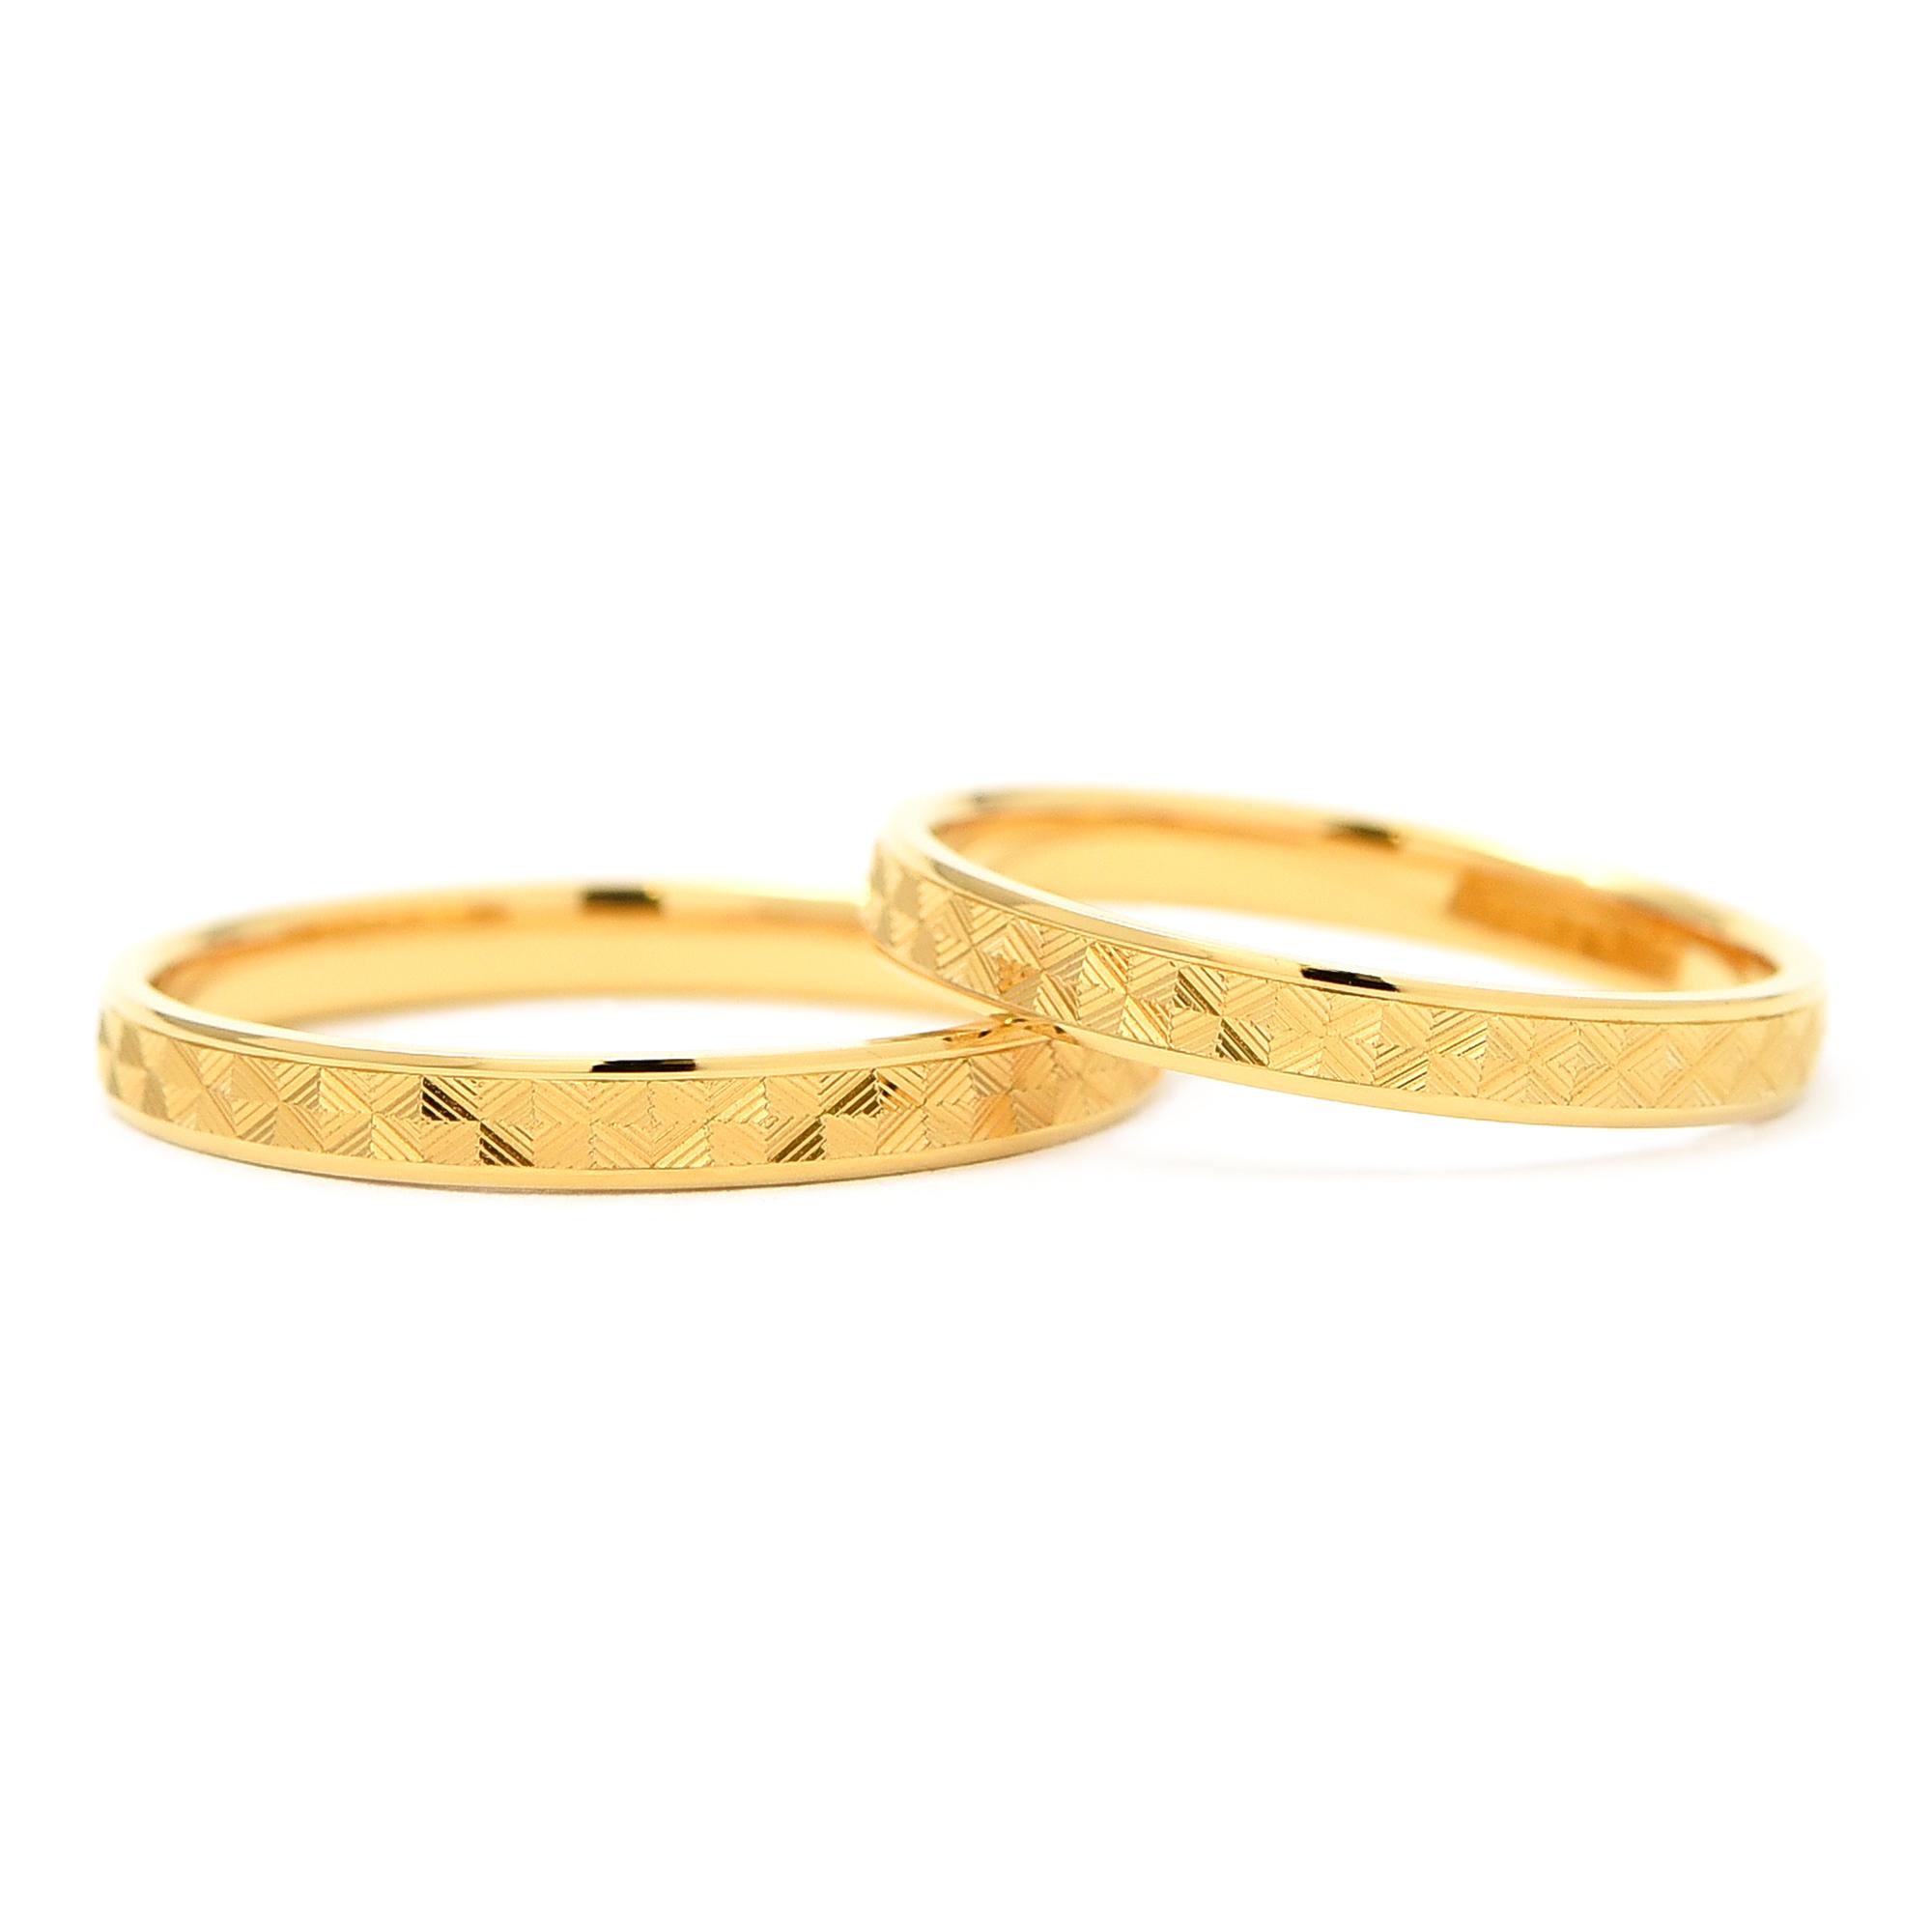 輪高崎工房の結婚指輪|TJ-20